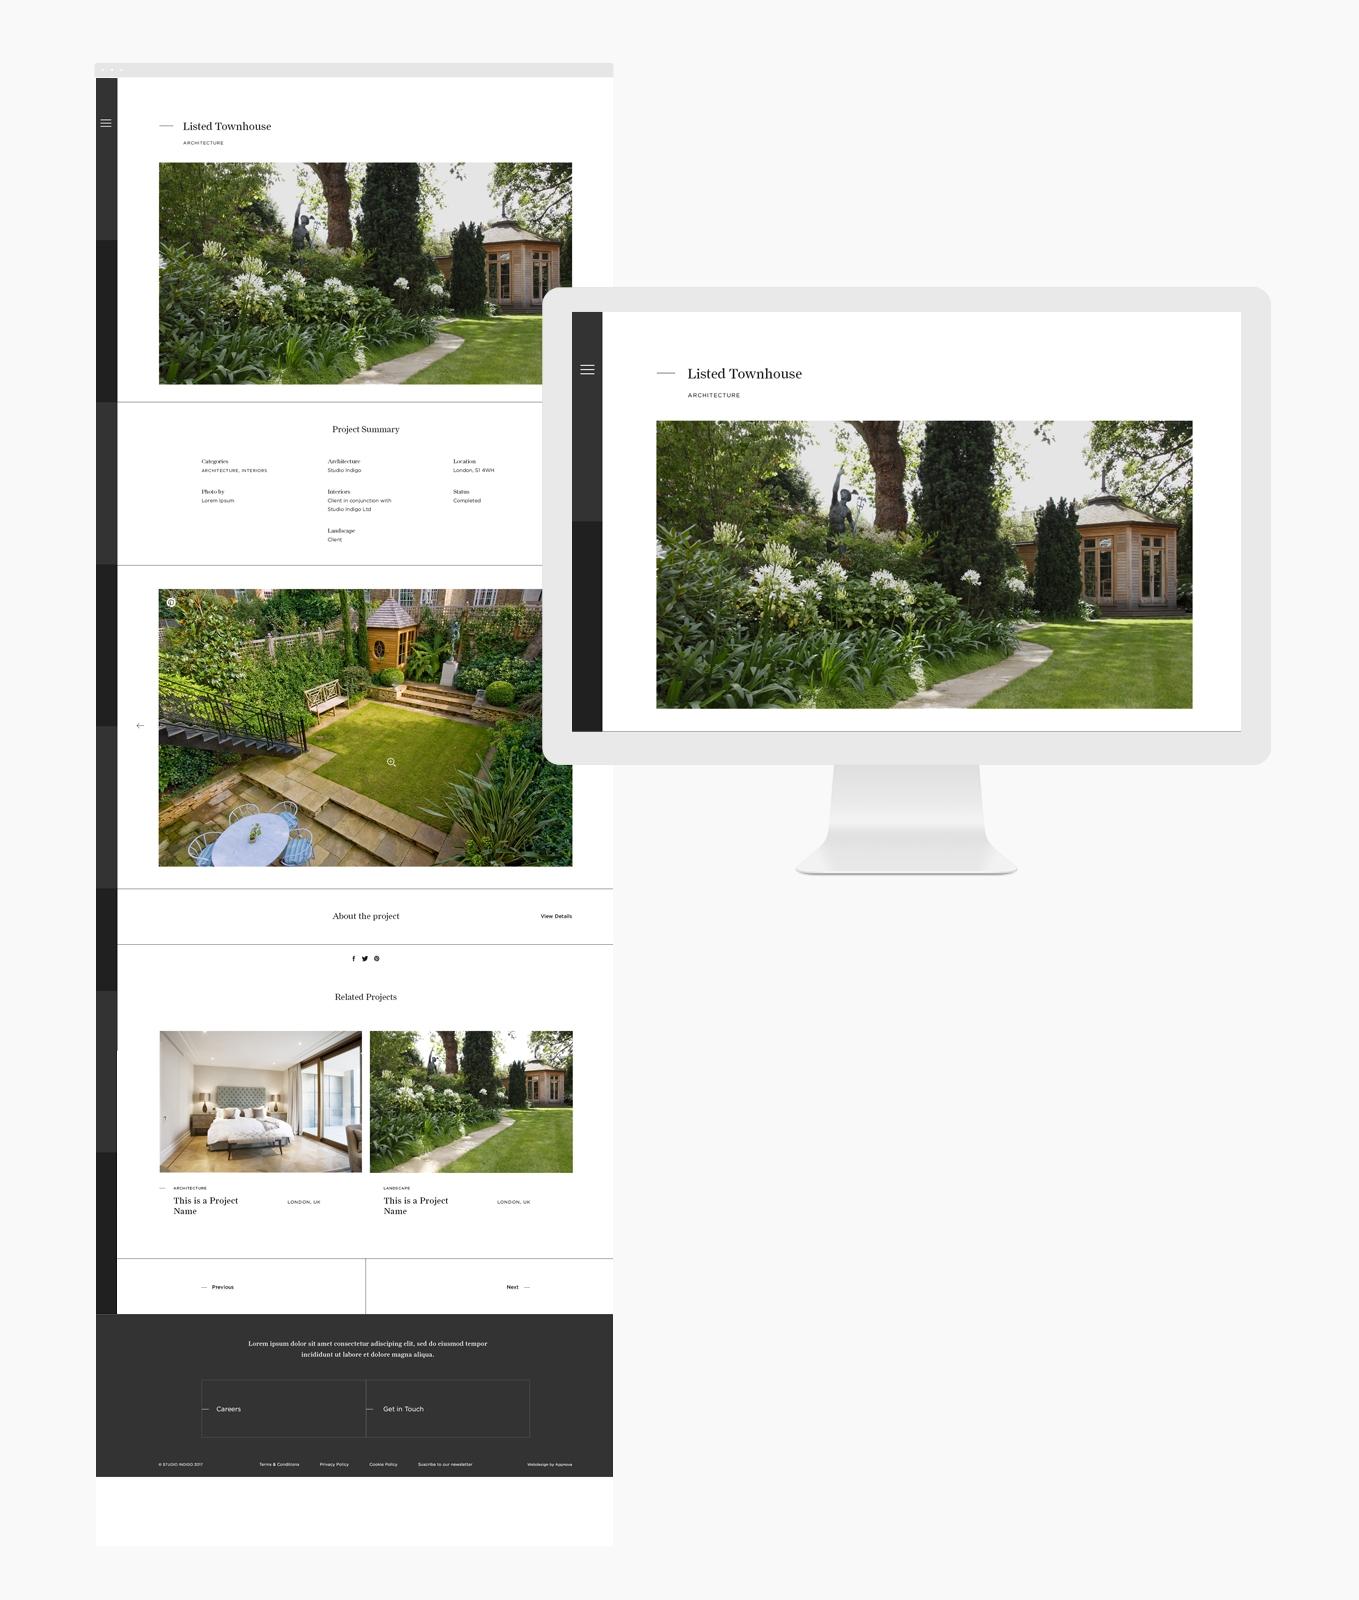 desktop-fullview-3